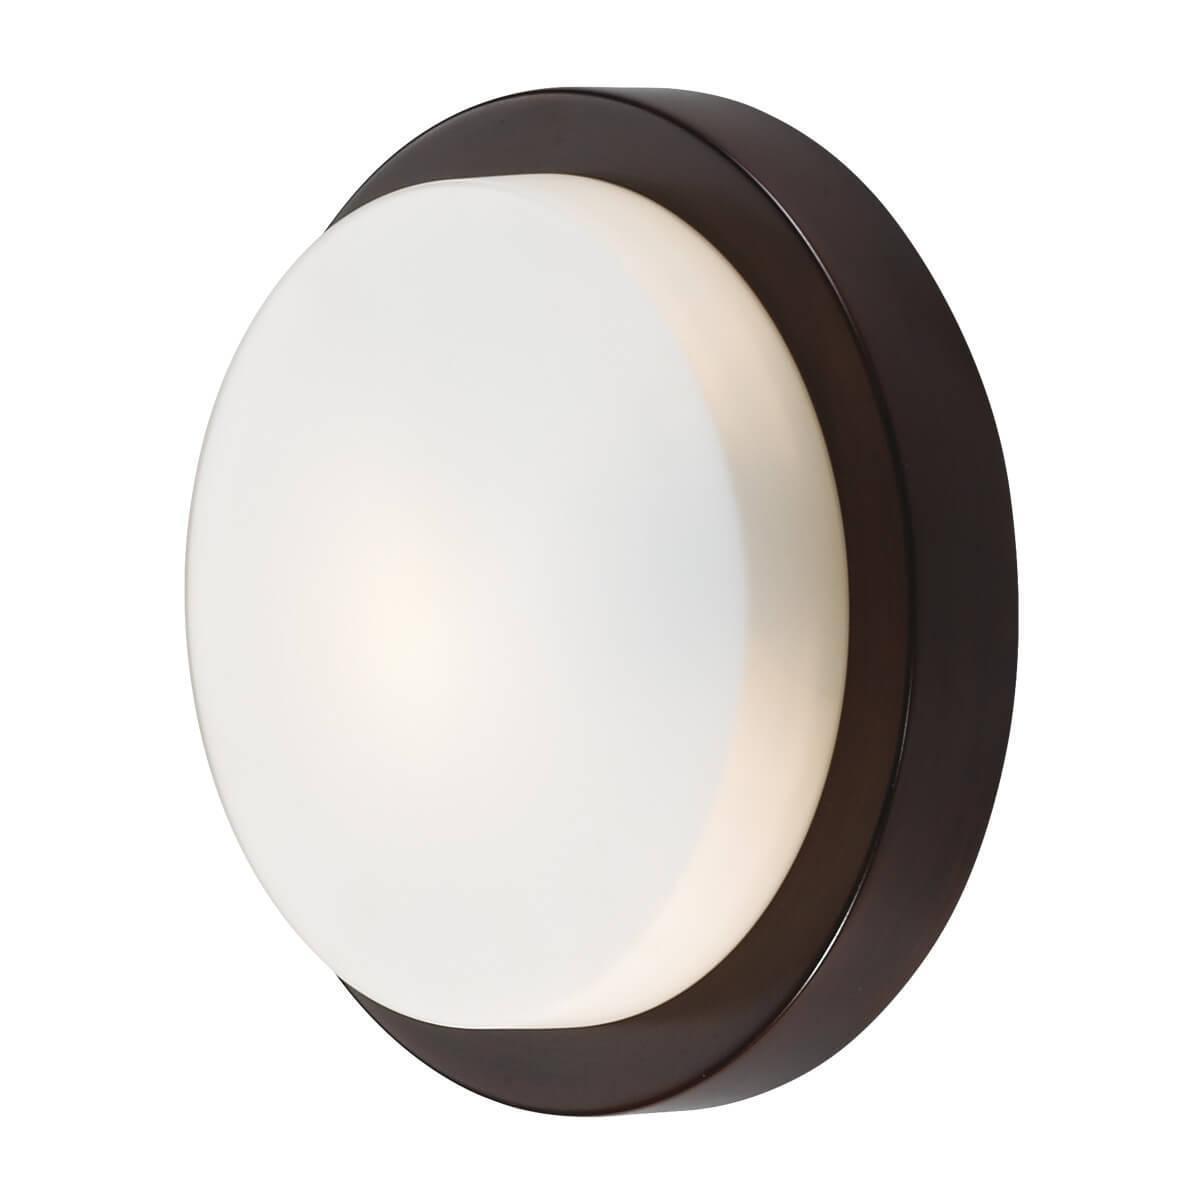 Накладной светильник Odeon Light 2744/1C, E14, 40 Вт все цены